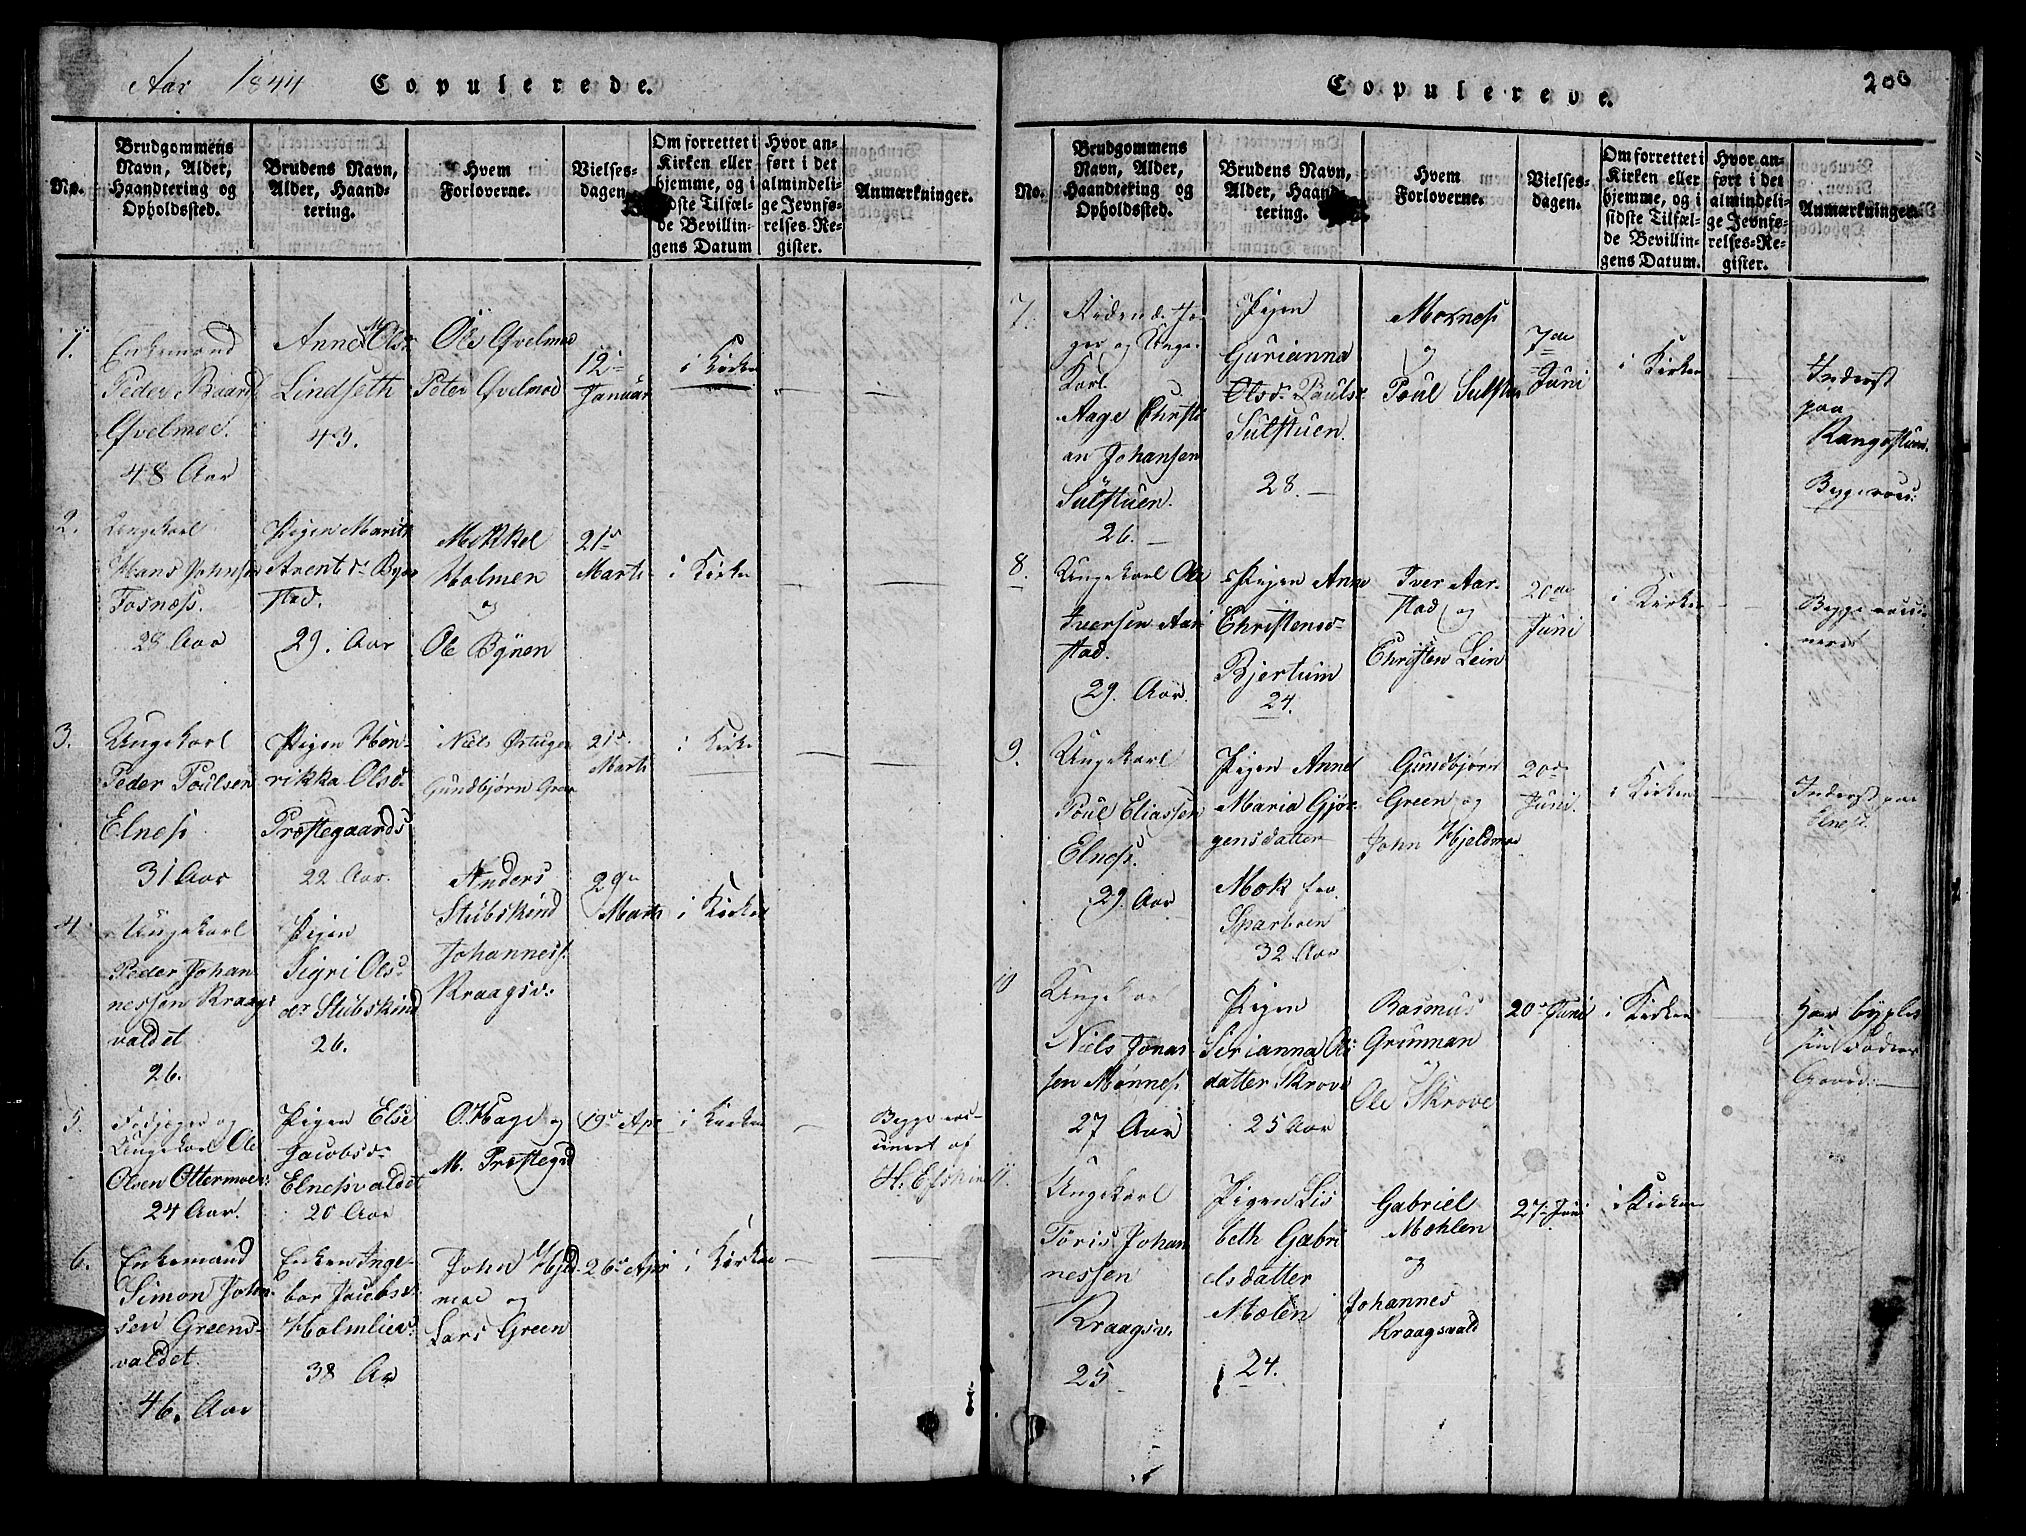 SAT, Ministerialprotokoller, klokkerbøker og fødselsregistre - Nord-Trøndelag, 723/L0251: Klokkerbok nr. 723C01 /2, 1843-1845, s. 206